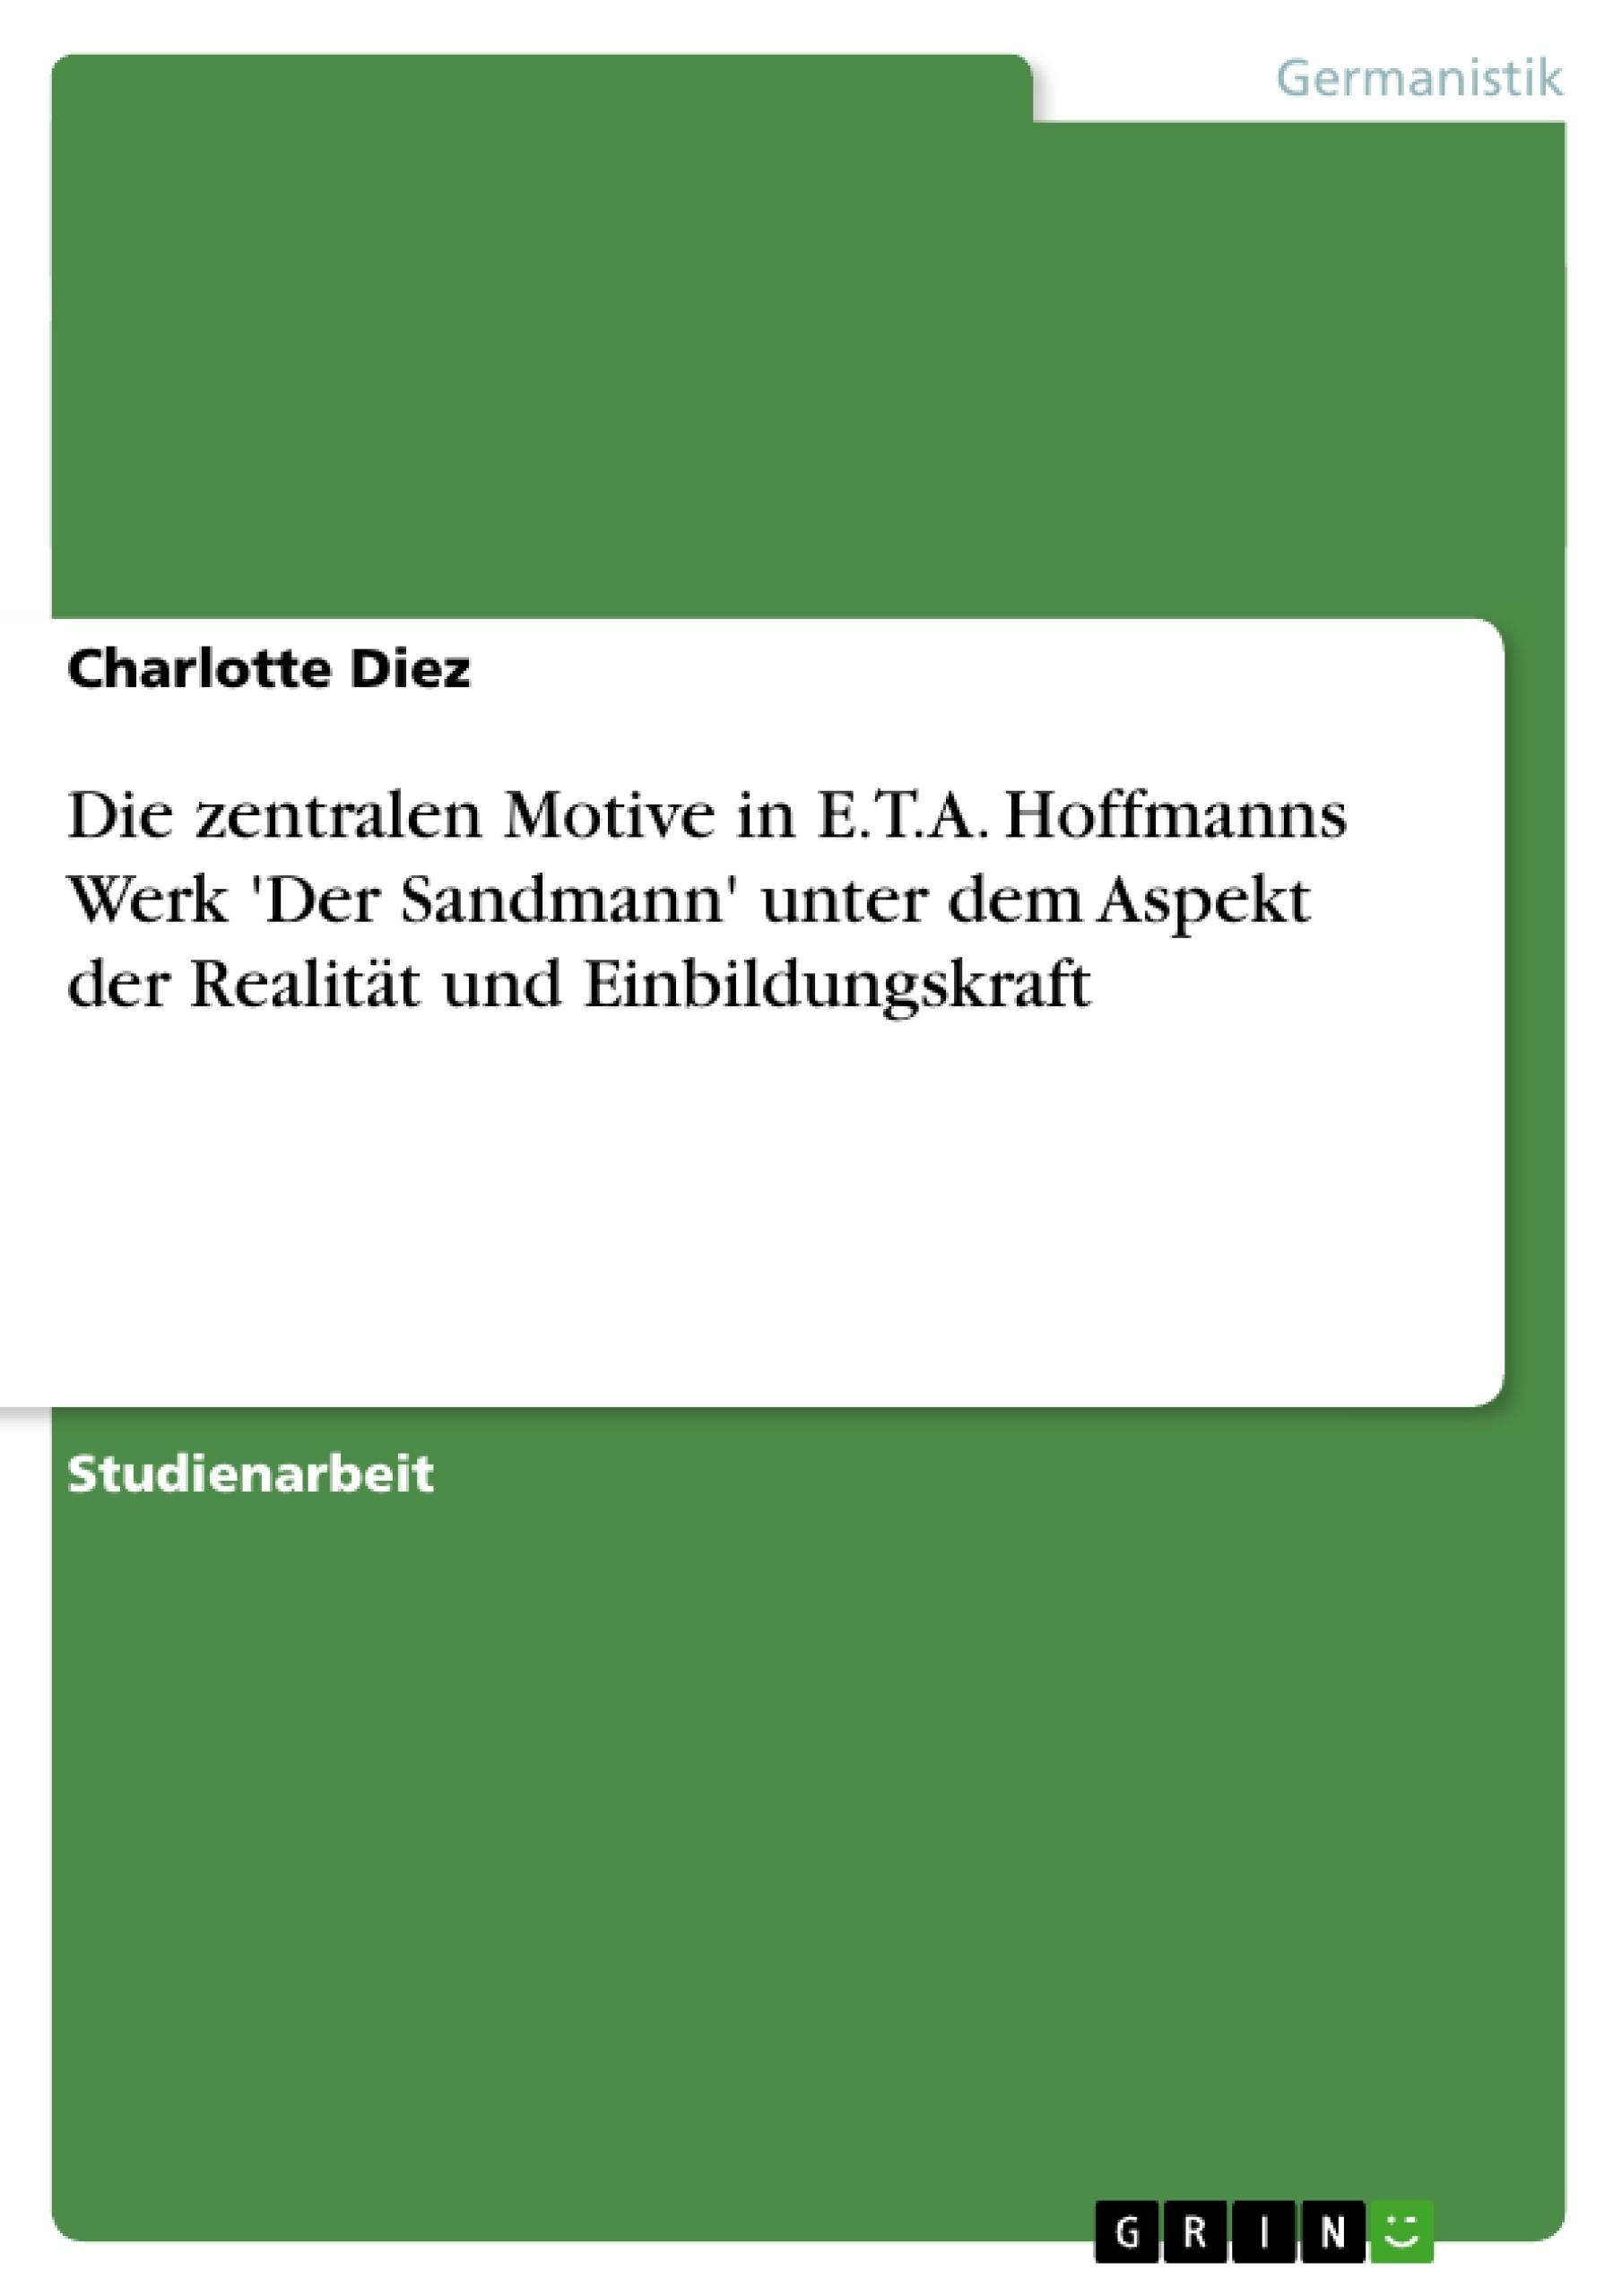 Titel: Die zentralen Motive in E.T.A. Hoffmanns Werk 'Der Sandmann' unter dem Aspekt der Realität und Einbildungskraft